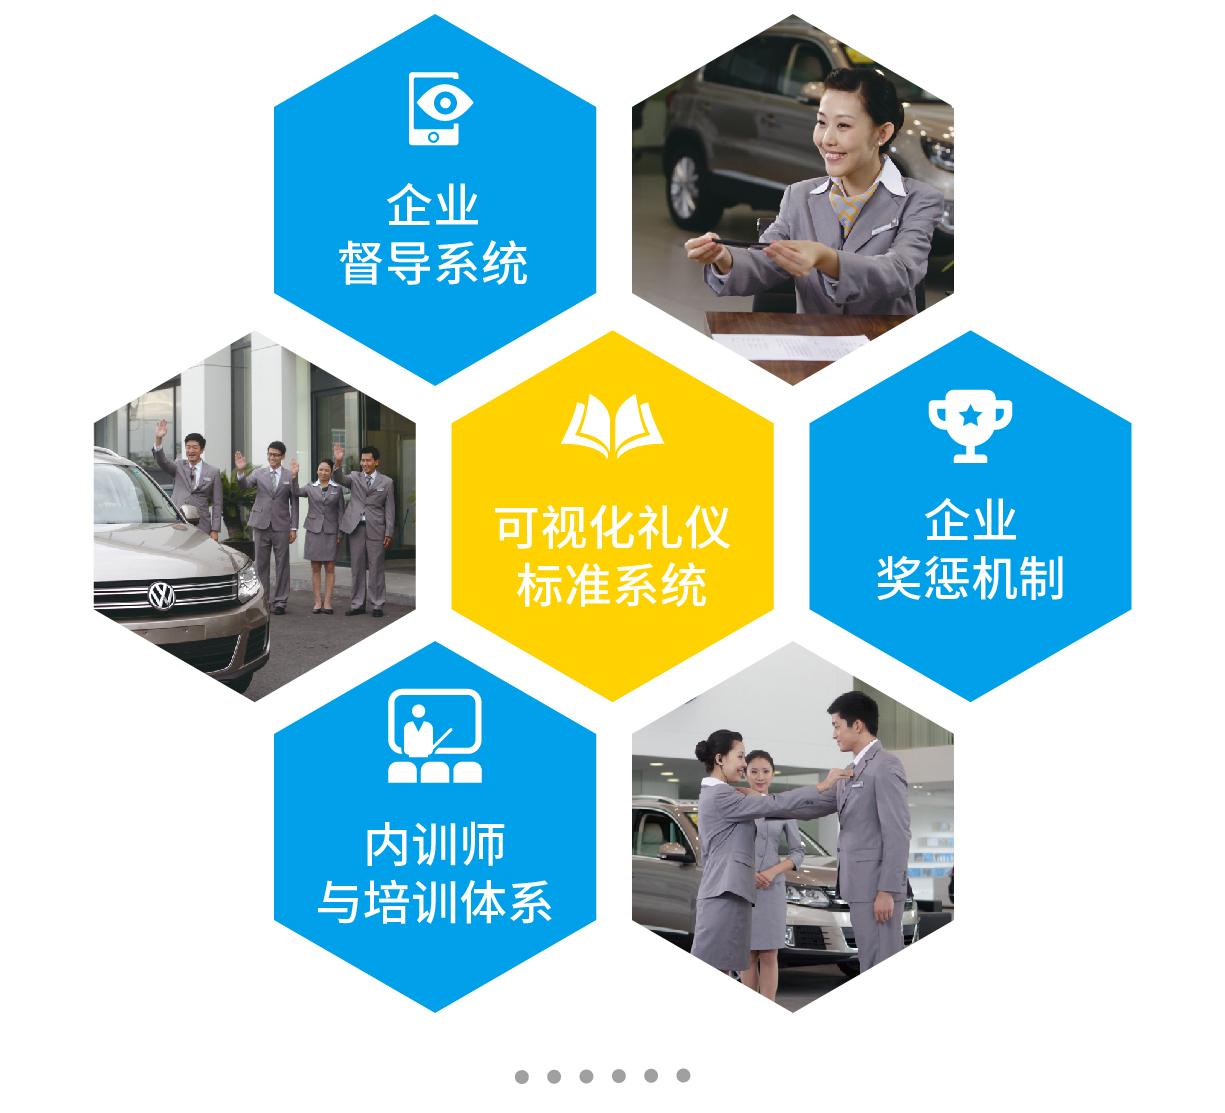 企业督导系统、可视化礼仪标准系统、企业奖惩机制、企业礼仪内训师与礼仪培训体系